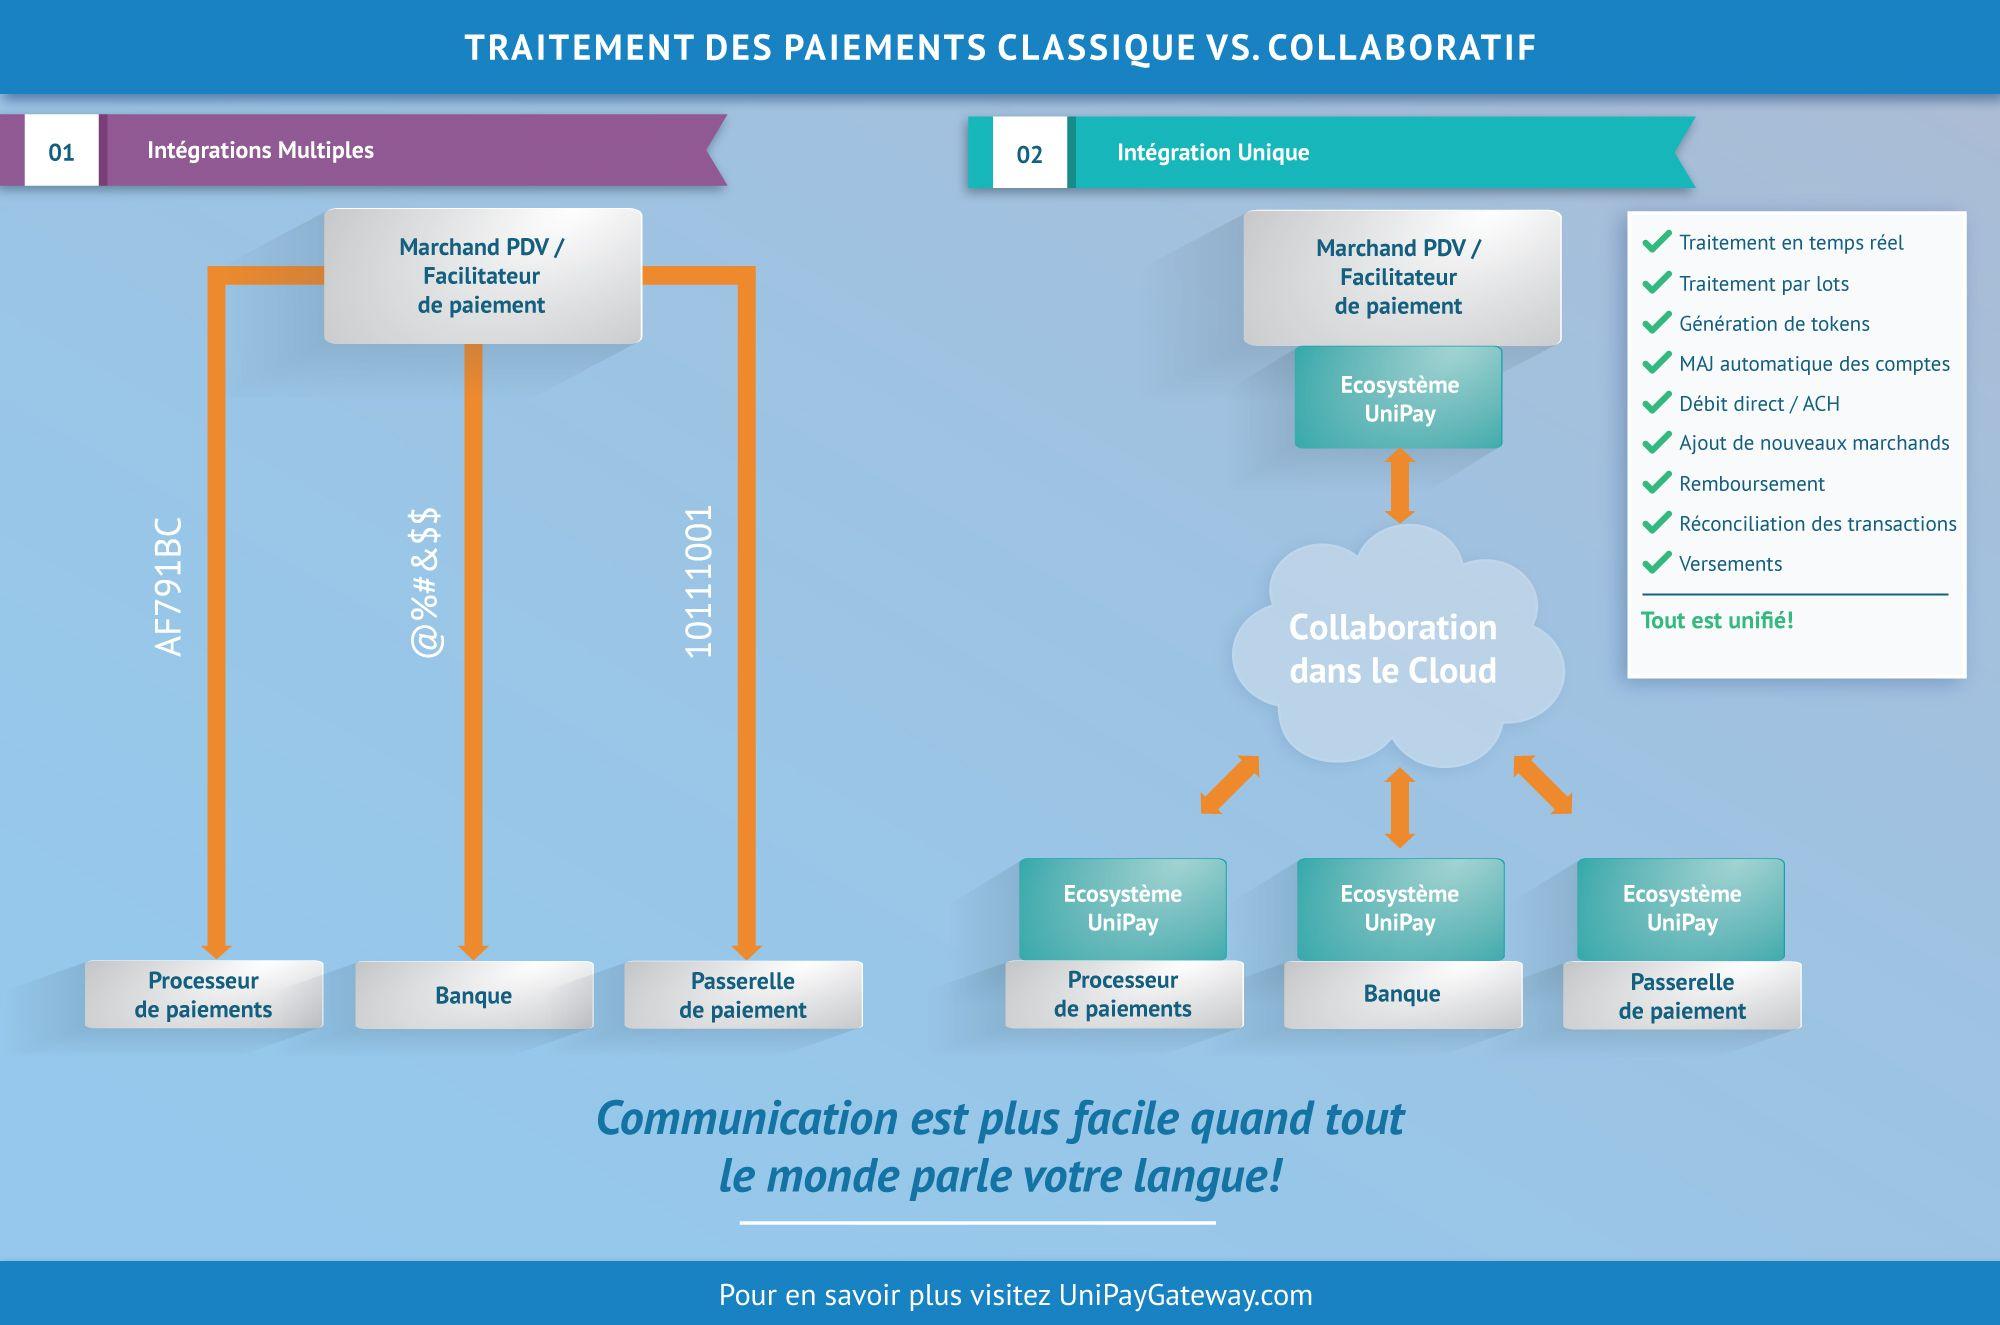 Traitement des Paiements Classique vs. Collaboratif